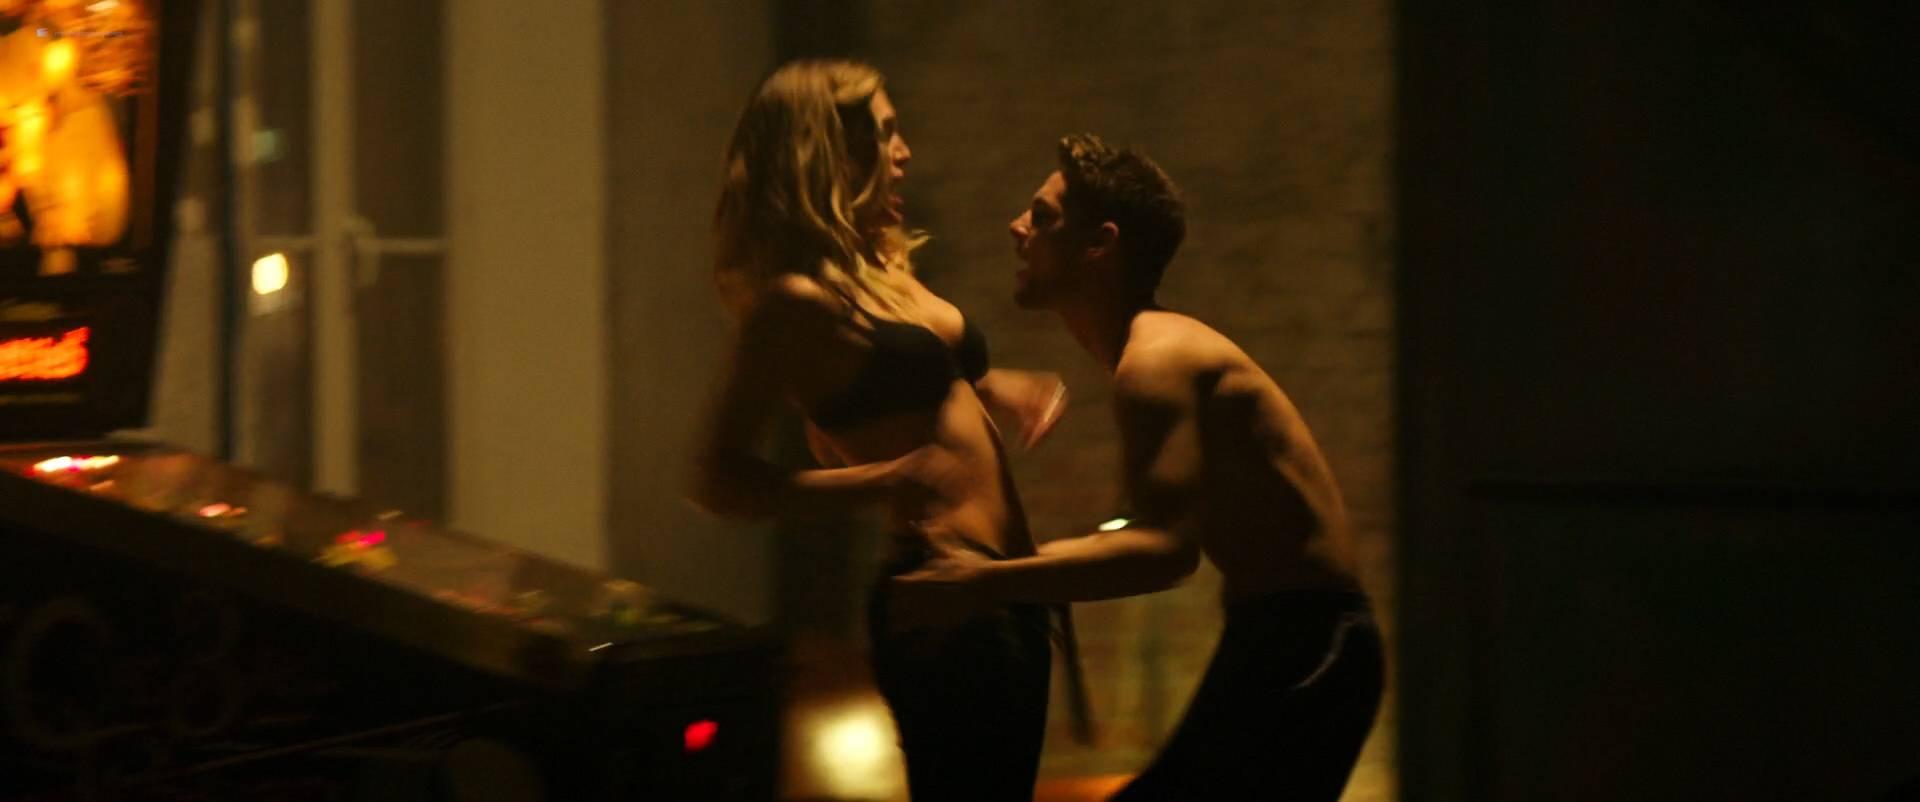 Ana-de-Armas-hot-bikini-Gaia-Weiss-hot-sex-Overdrive-2017-HD-1080p-WEB-9.jpg